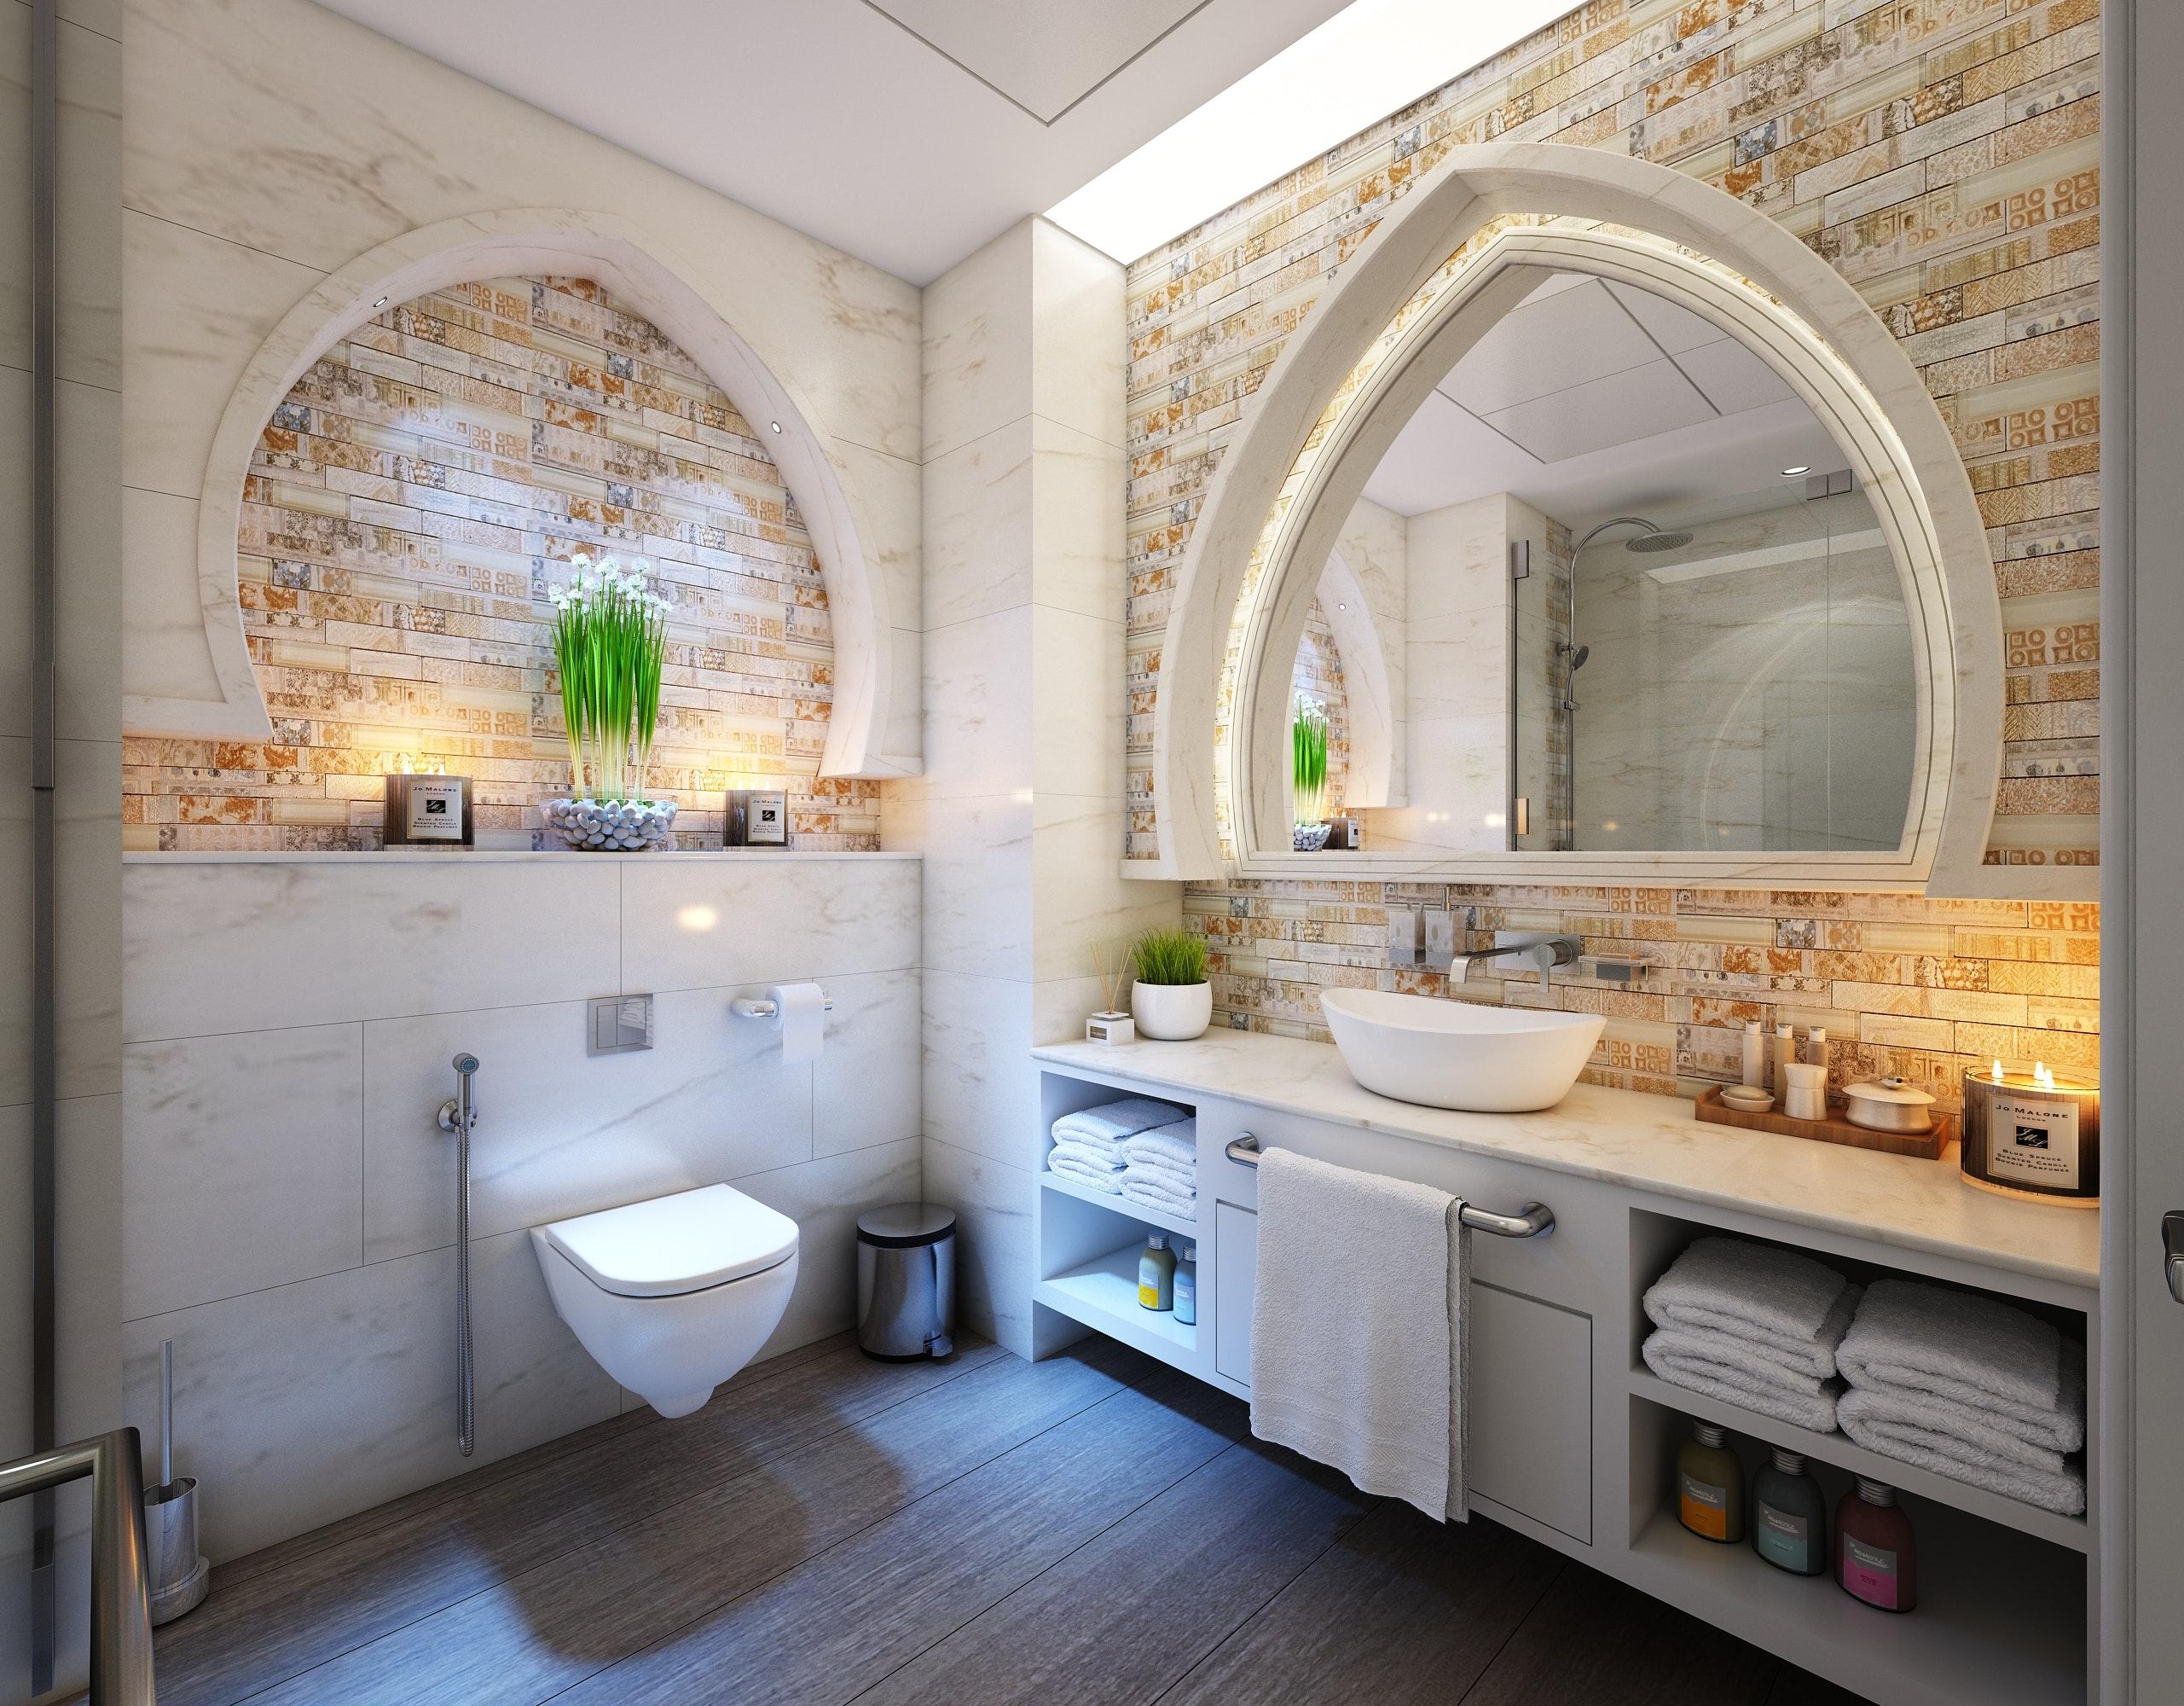 Imagem de banheiro com lixeira posicionada ao lado do vaso sanitário